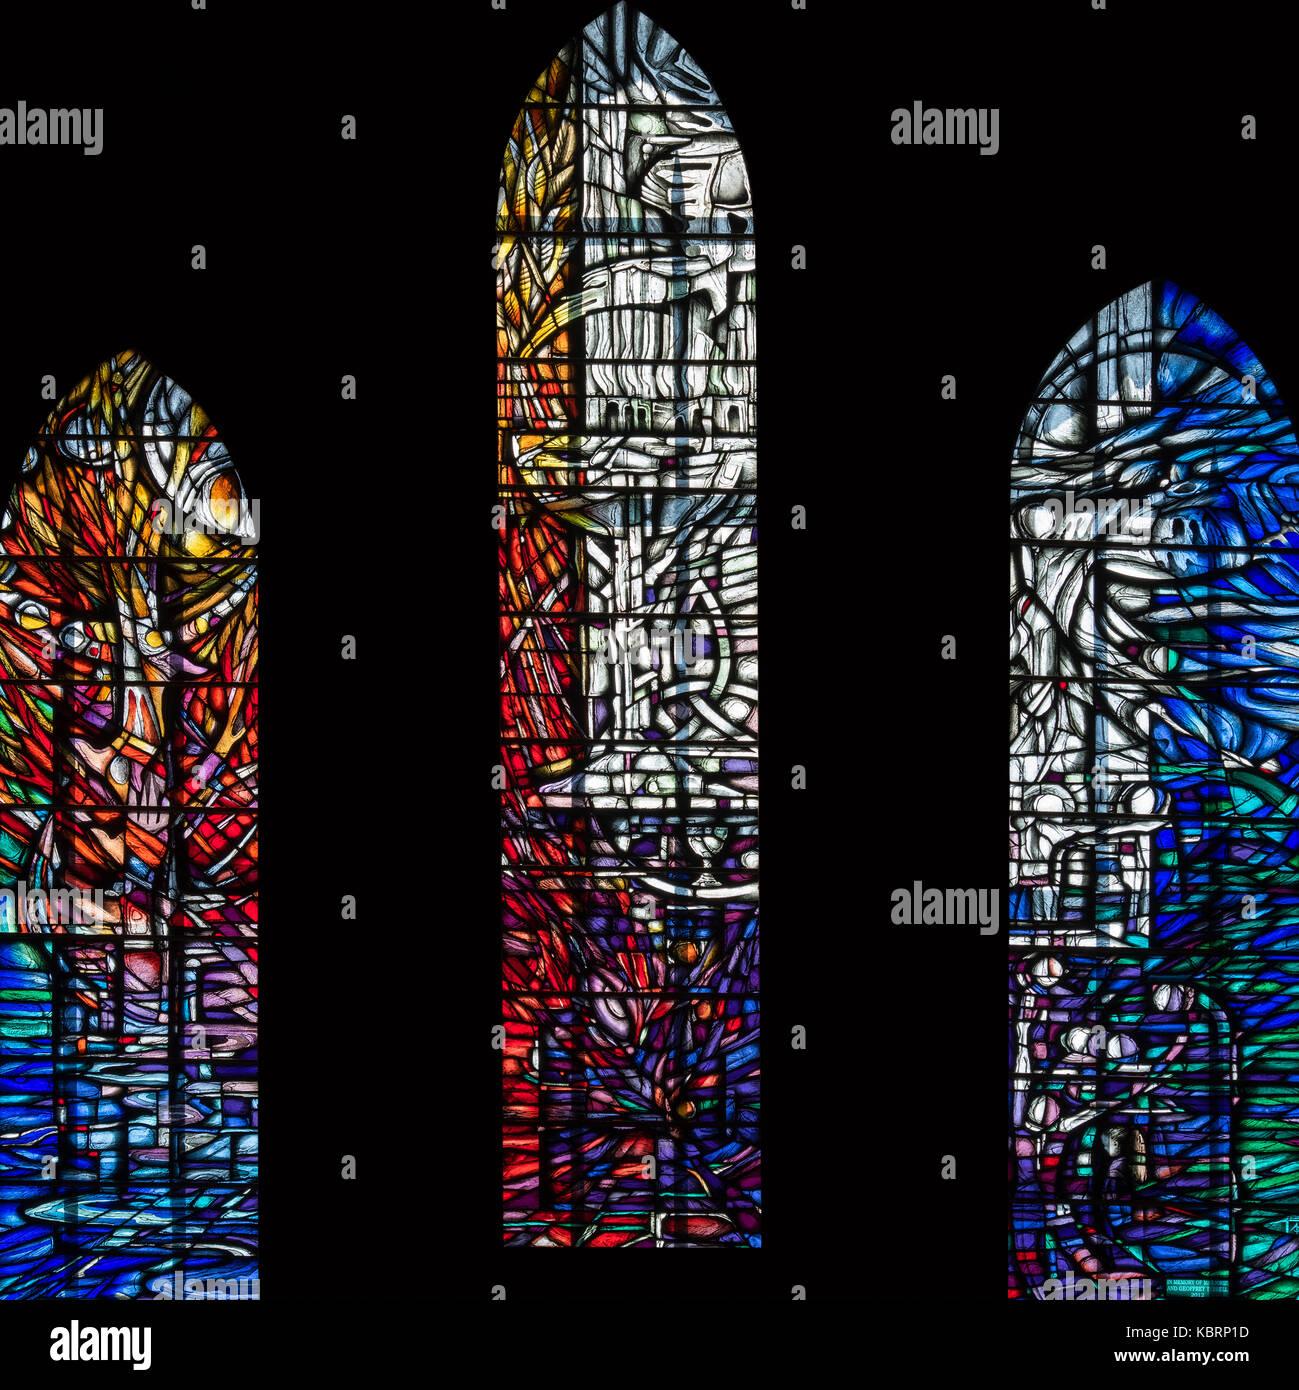 La fenêtre Tyrrell, vitraux symbolisant la compassion et le partage, l'abbaye de Hexham, Royaume-Uni Photo Stock